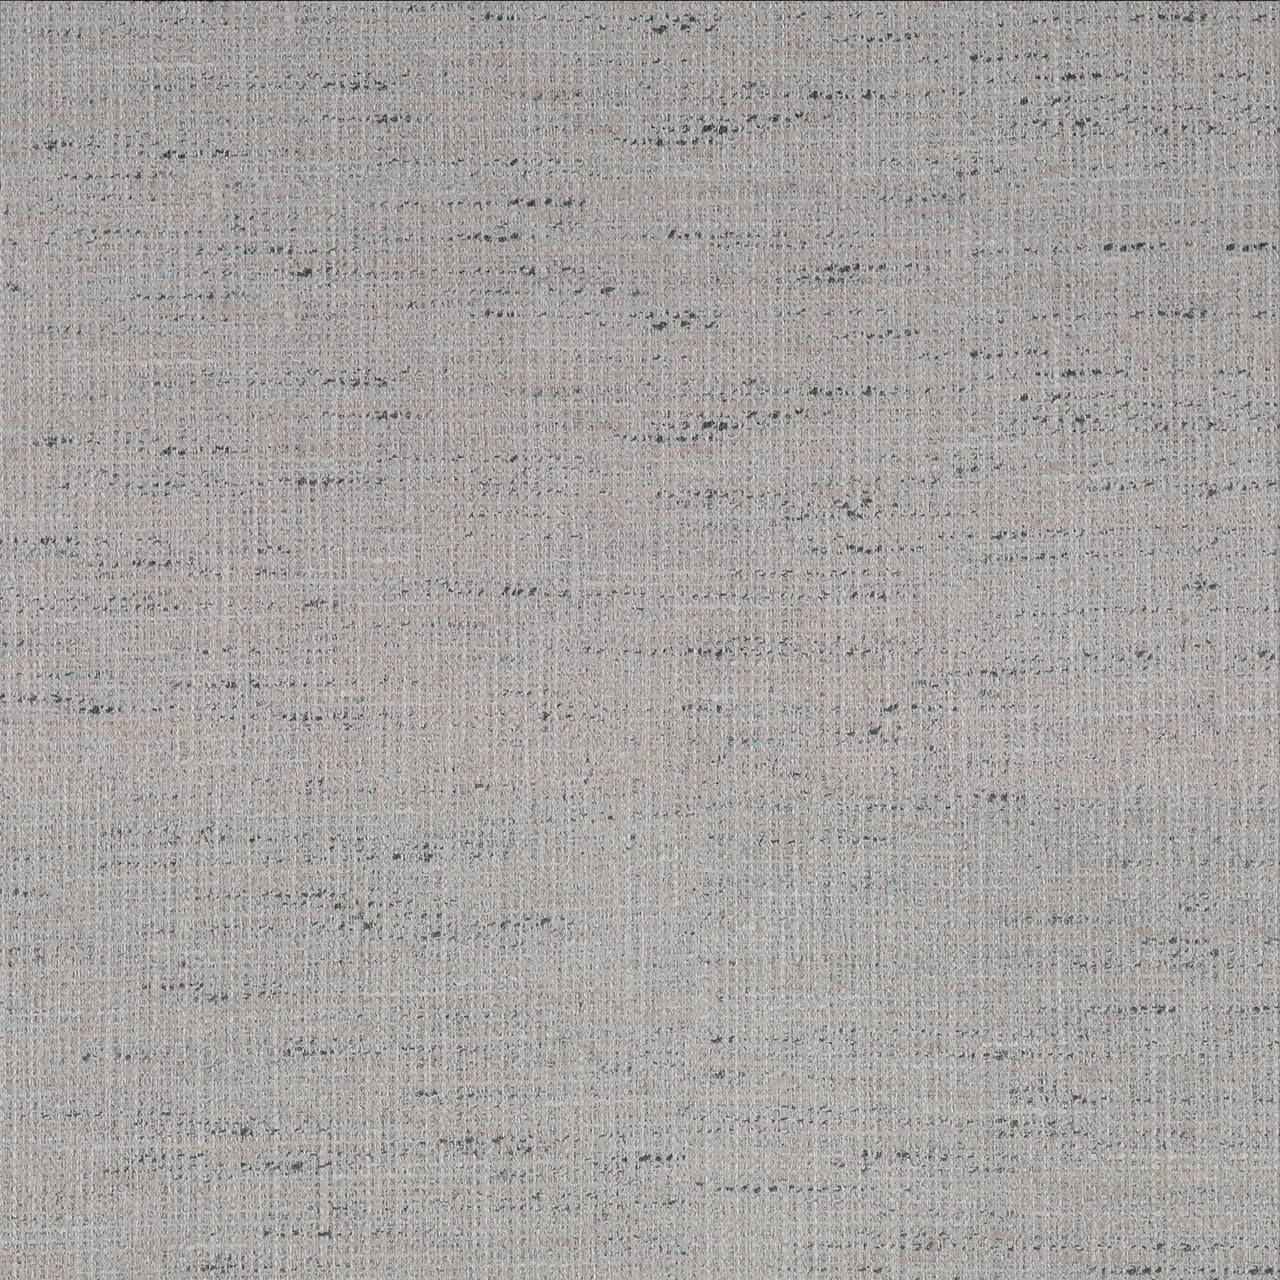 Текстиль светло-серый